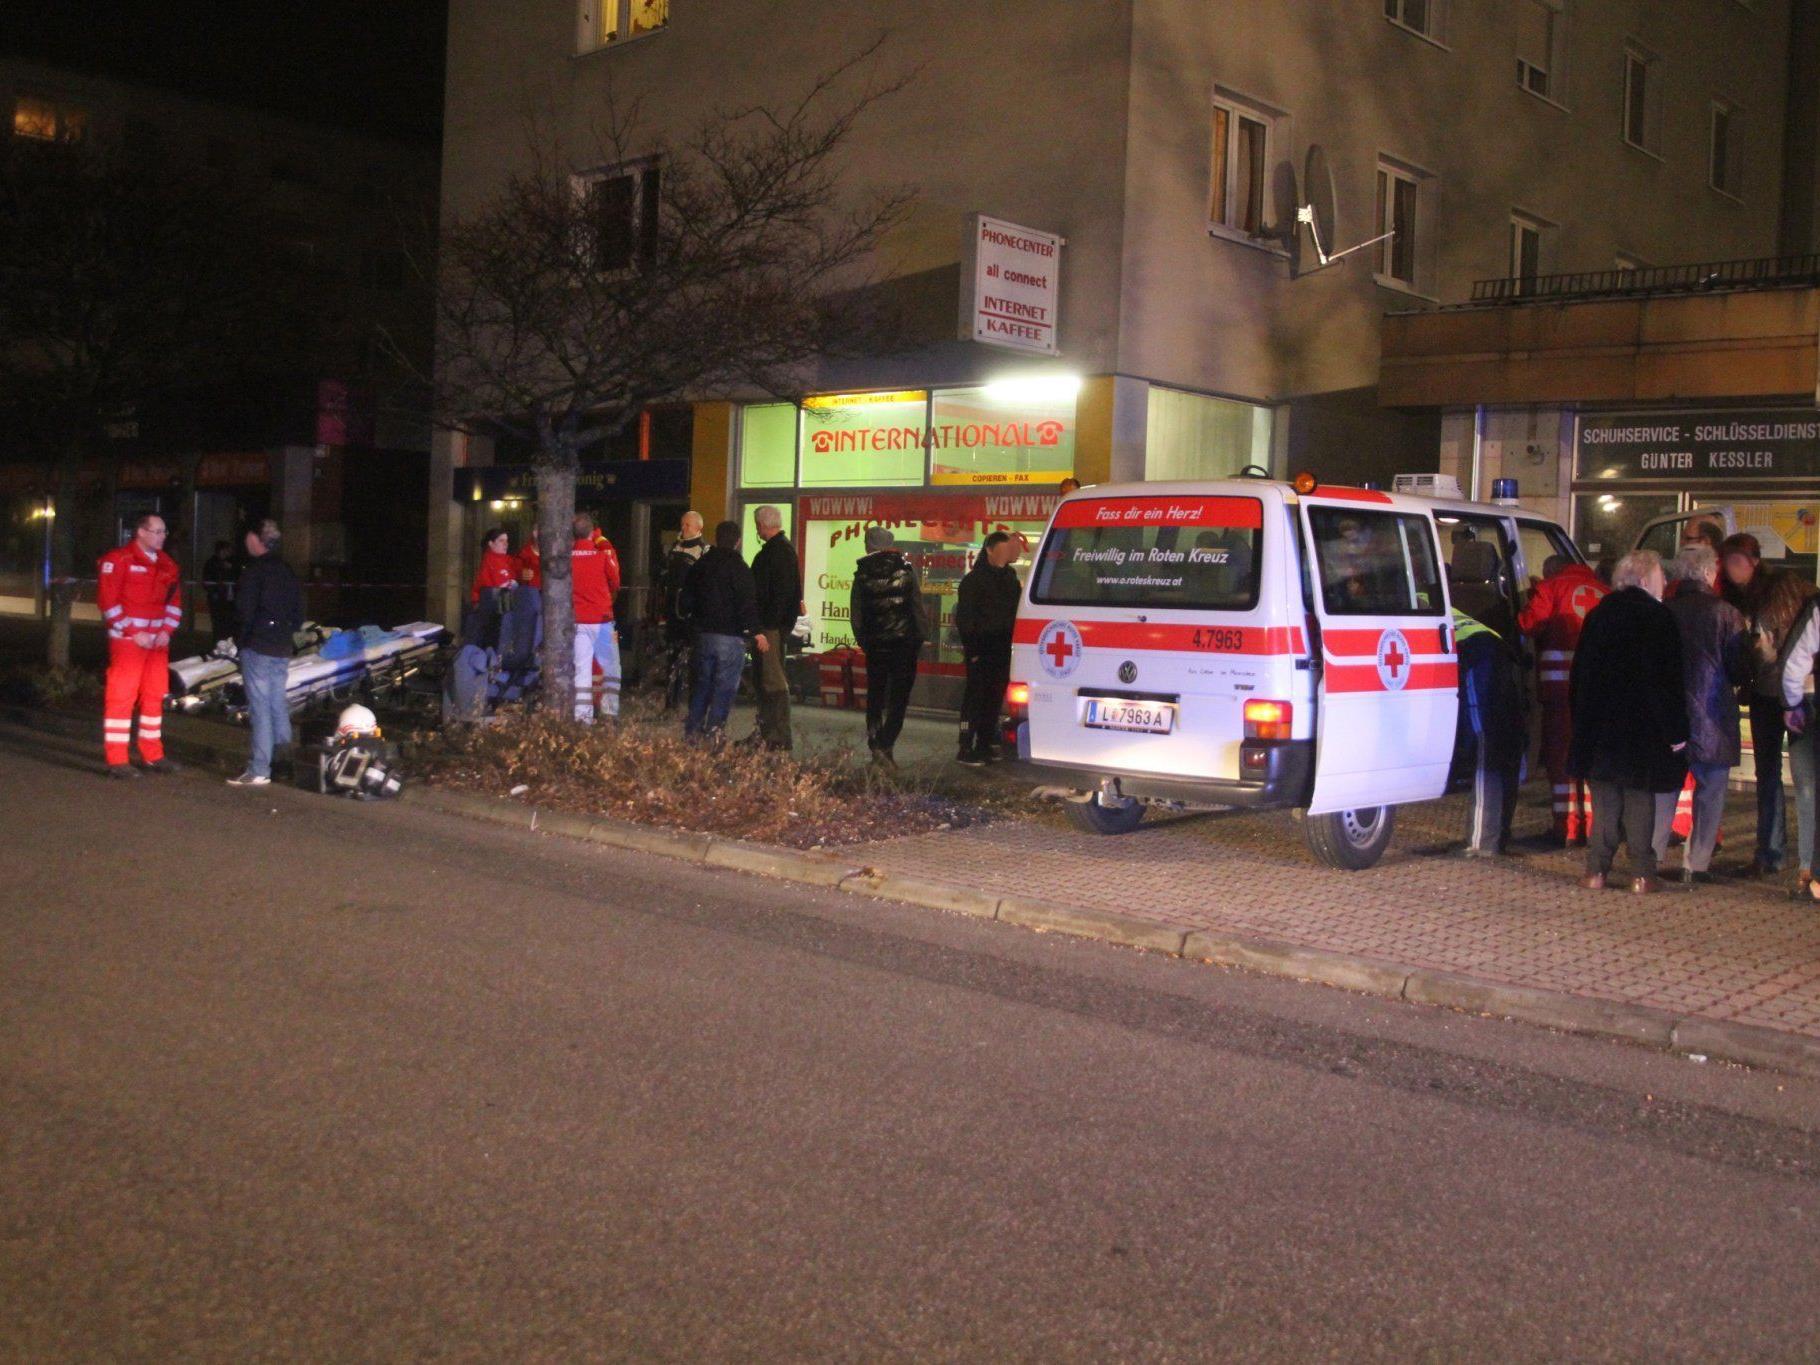 insgesamt mussten 90 Menschen aus dem Wohnhaus evakuiert werden.